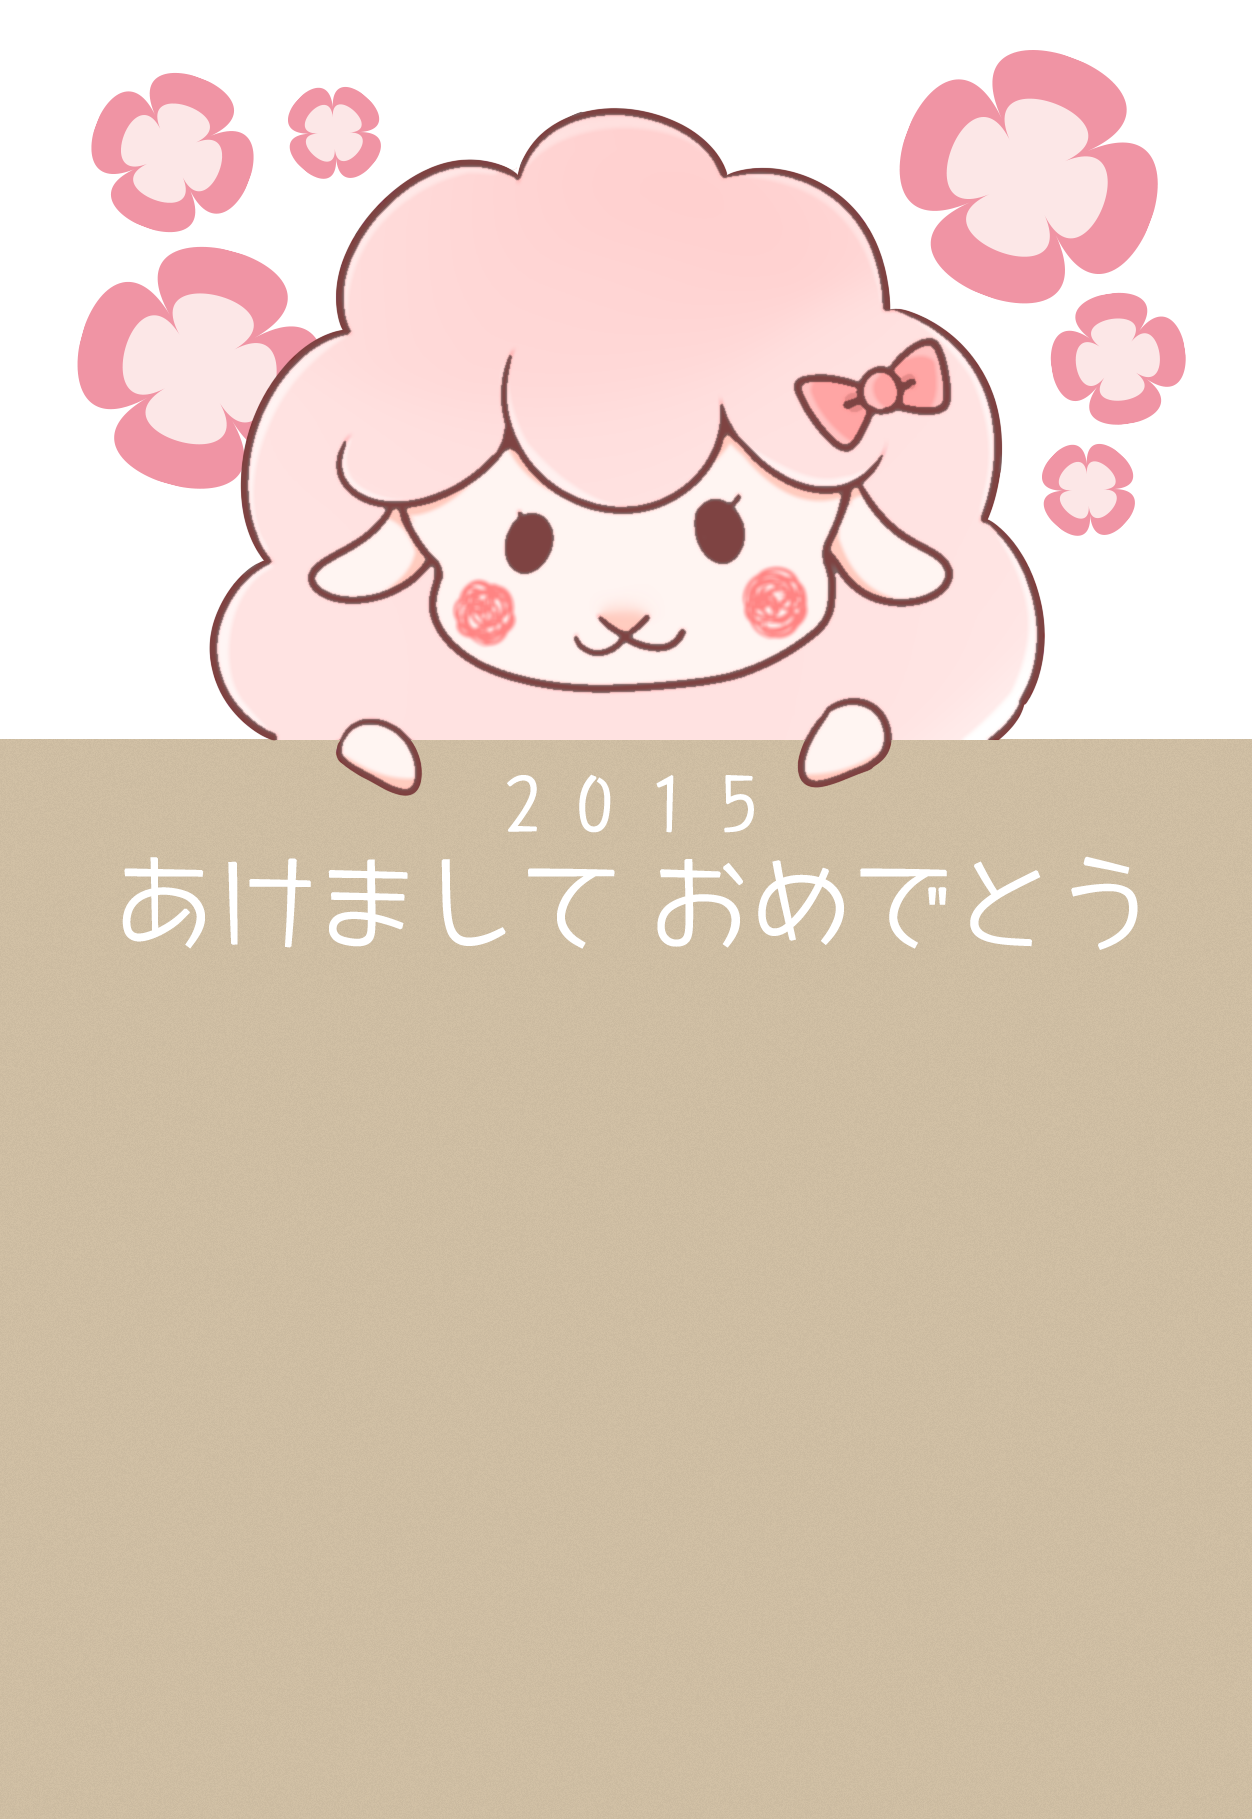 2015年賀状無料素材3